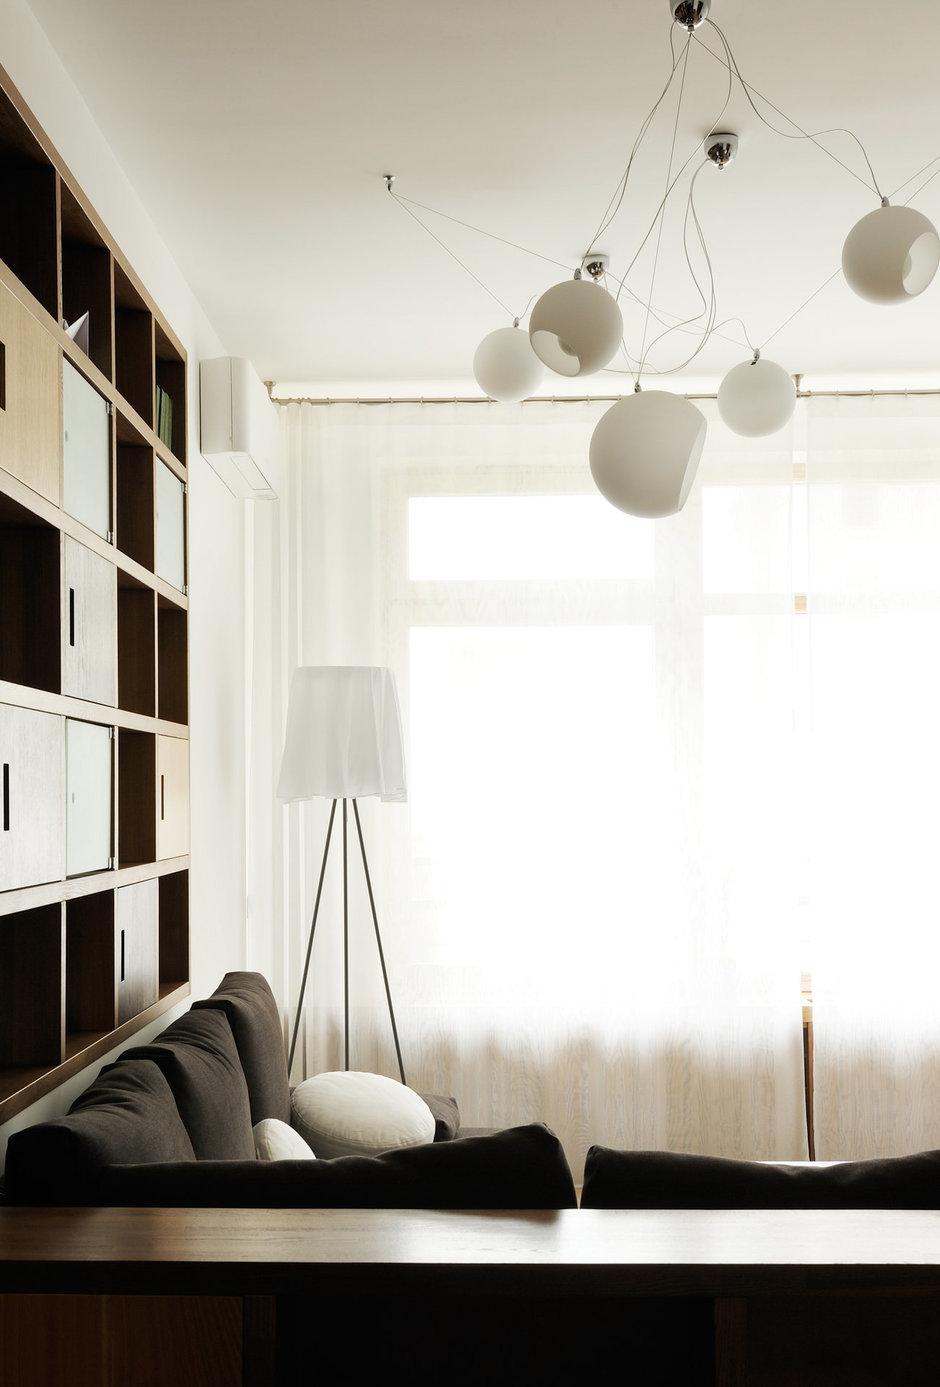 Фотография: Гостиная в стиле Современный, Эклектика, Квартира, Calligaris, Дома и квартиры – фото на InMyRoom.ru